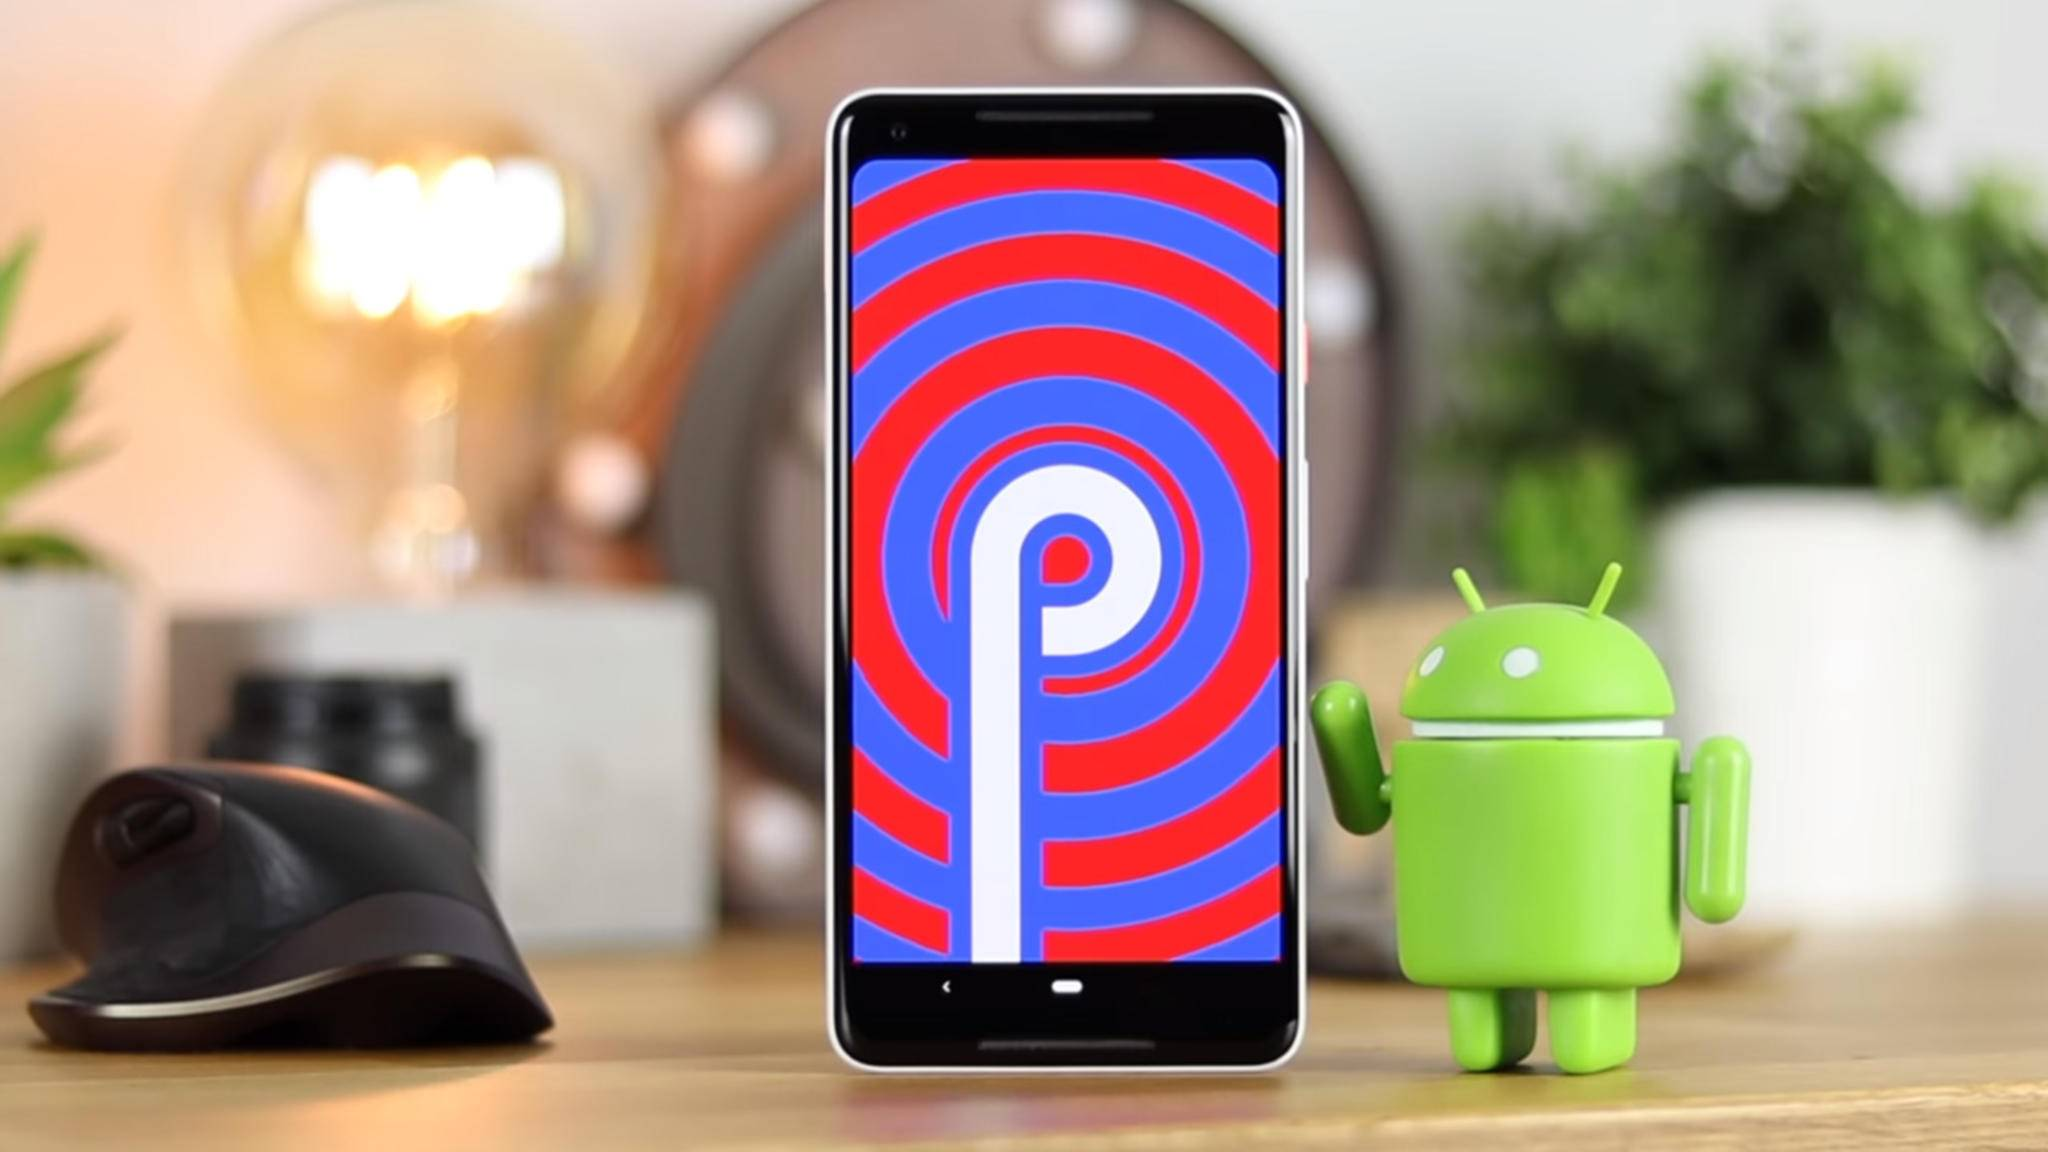 Android 9.0 Pie ist ein wichtiges Android-Update mit sinnvollen neuen Features.